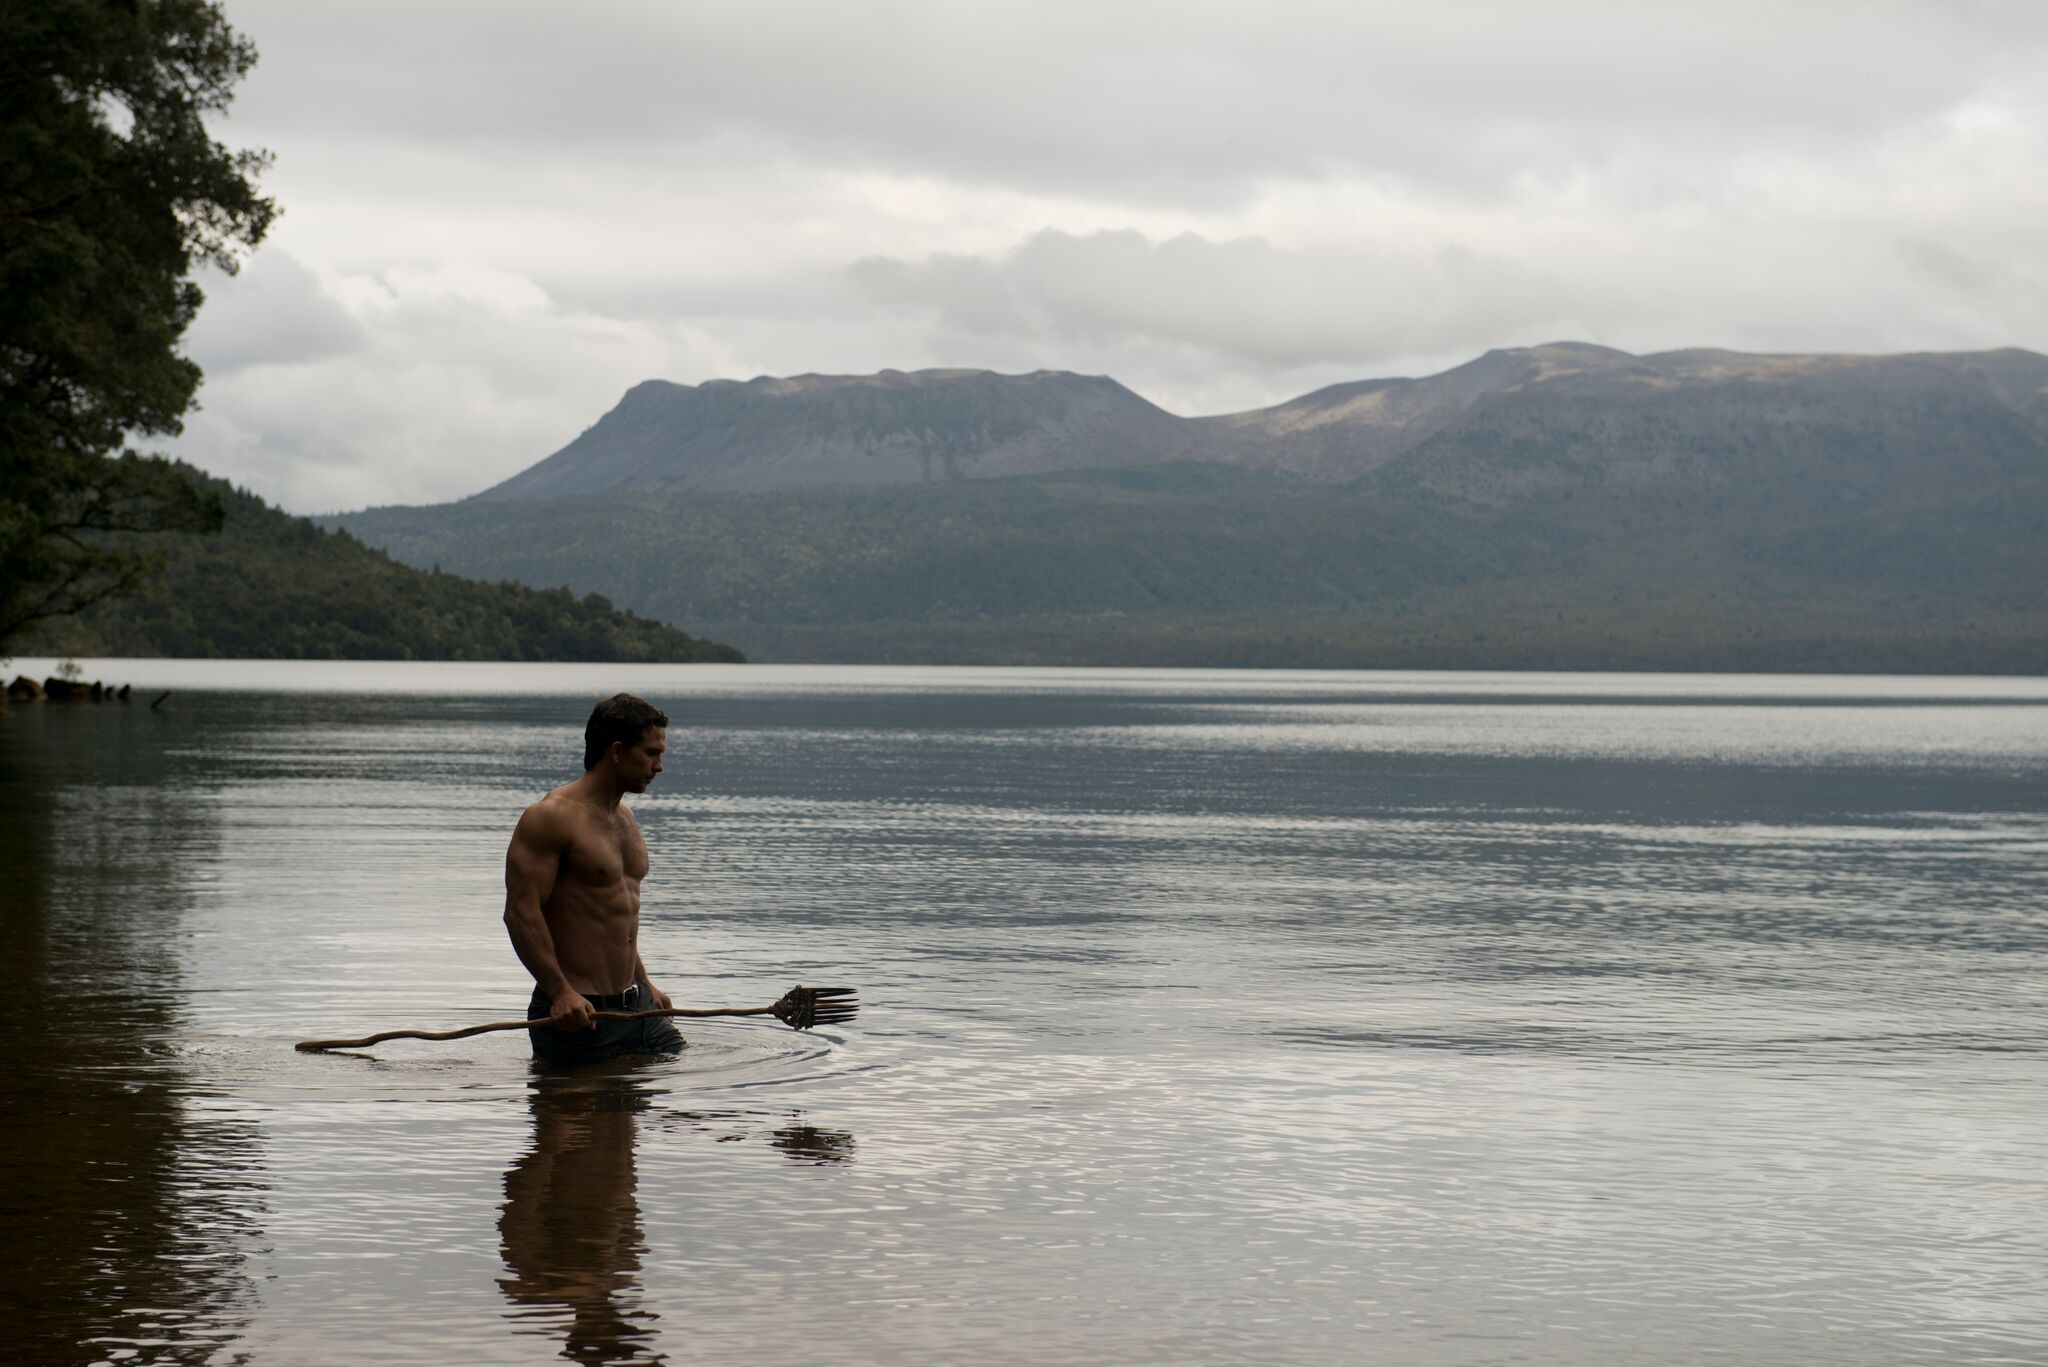 Libertine Pictures - Wild Survivor - National Geographic 1.jpg